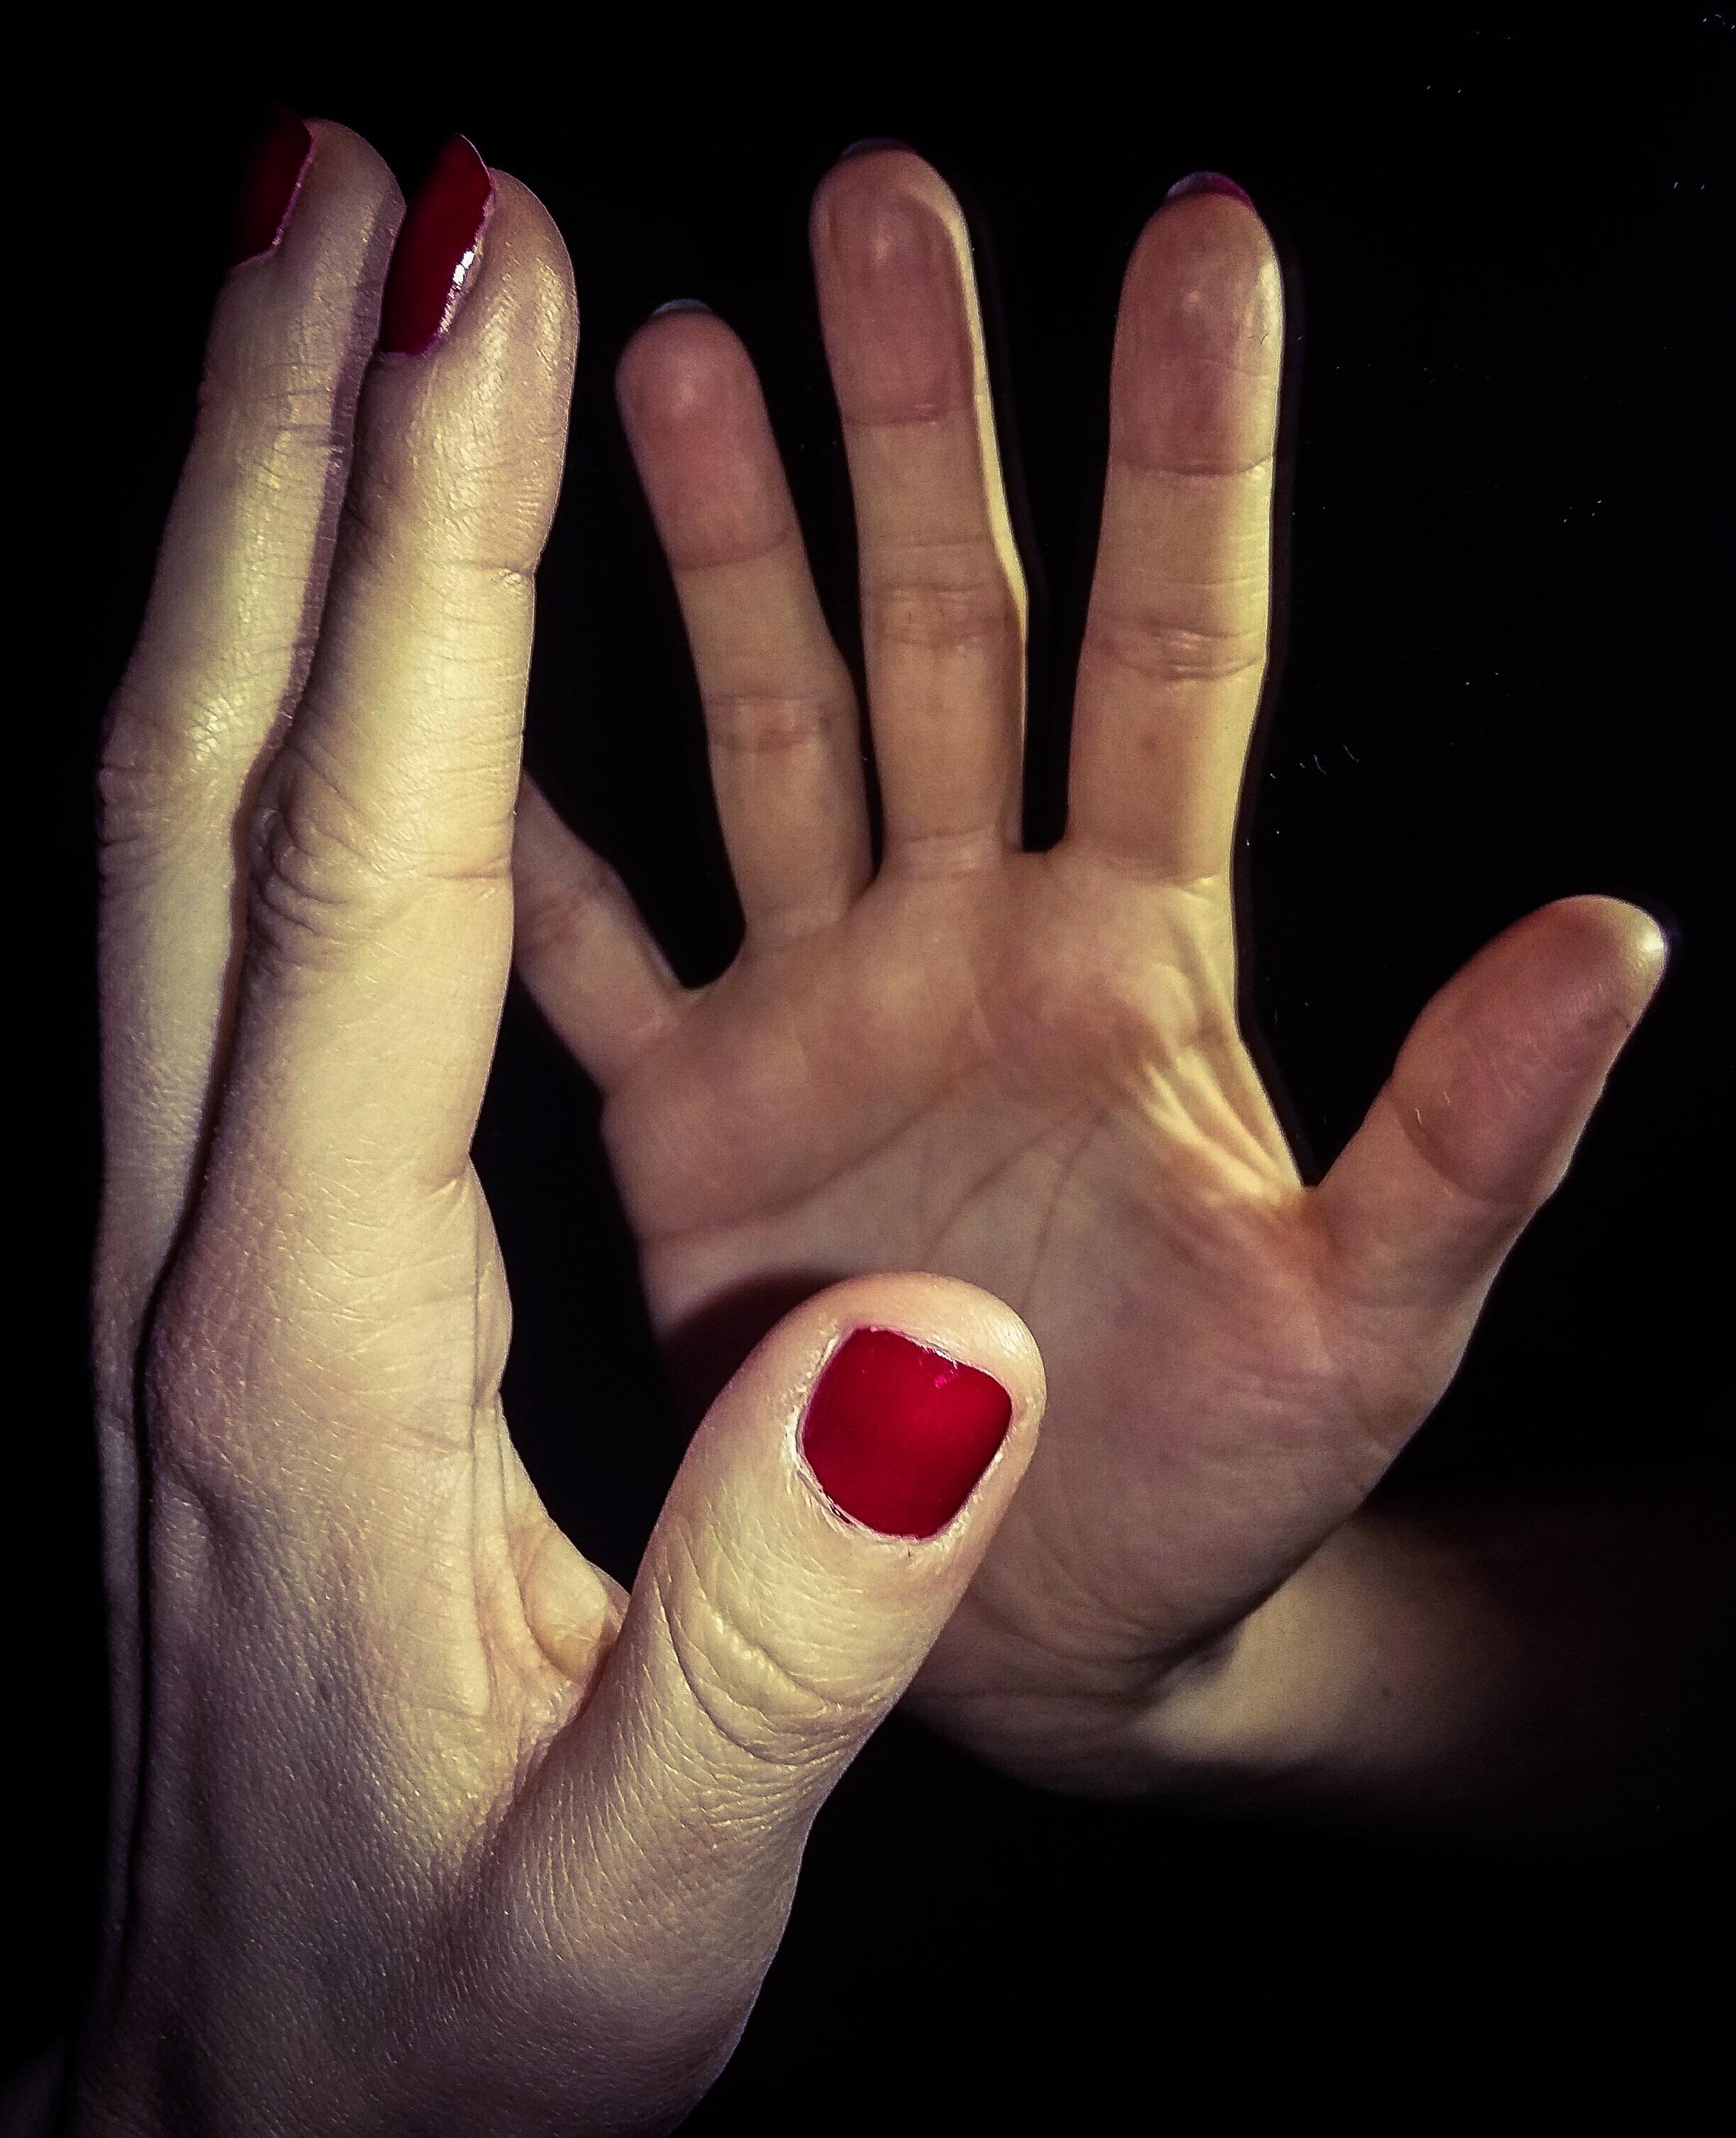 Fotos gratis : anillo, dedo, reflexión, rojo, brazo, uña, de cerca ...